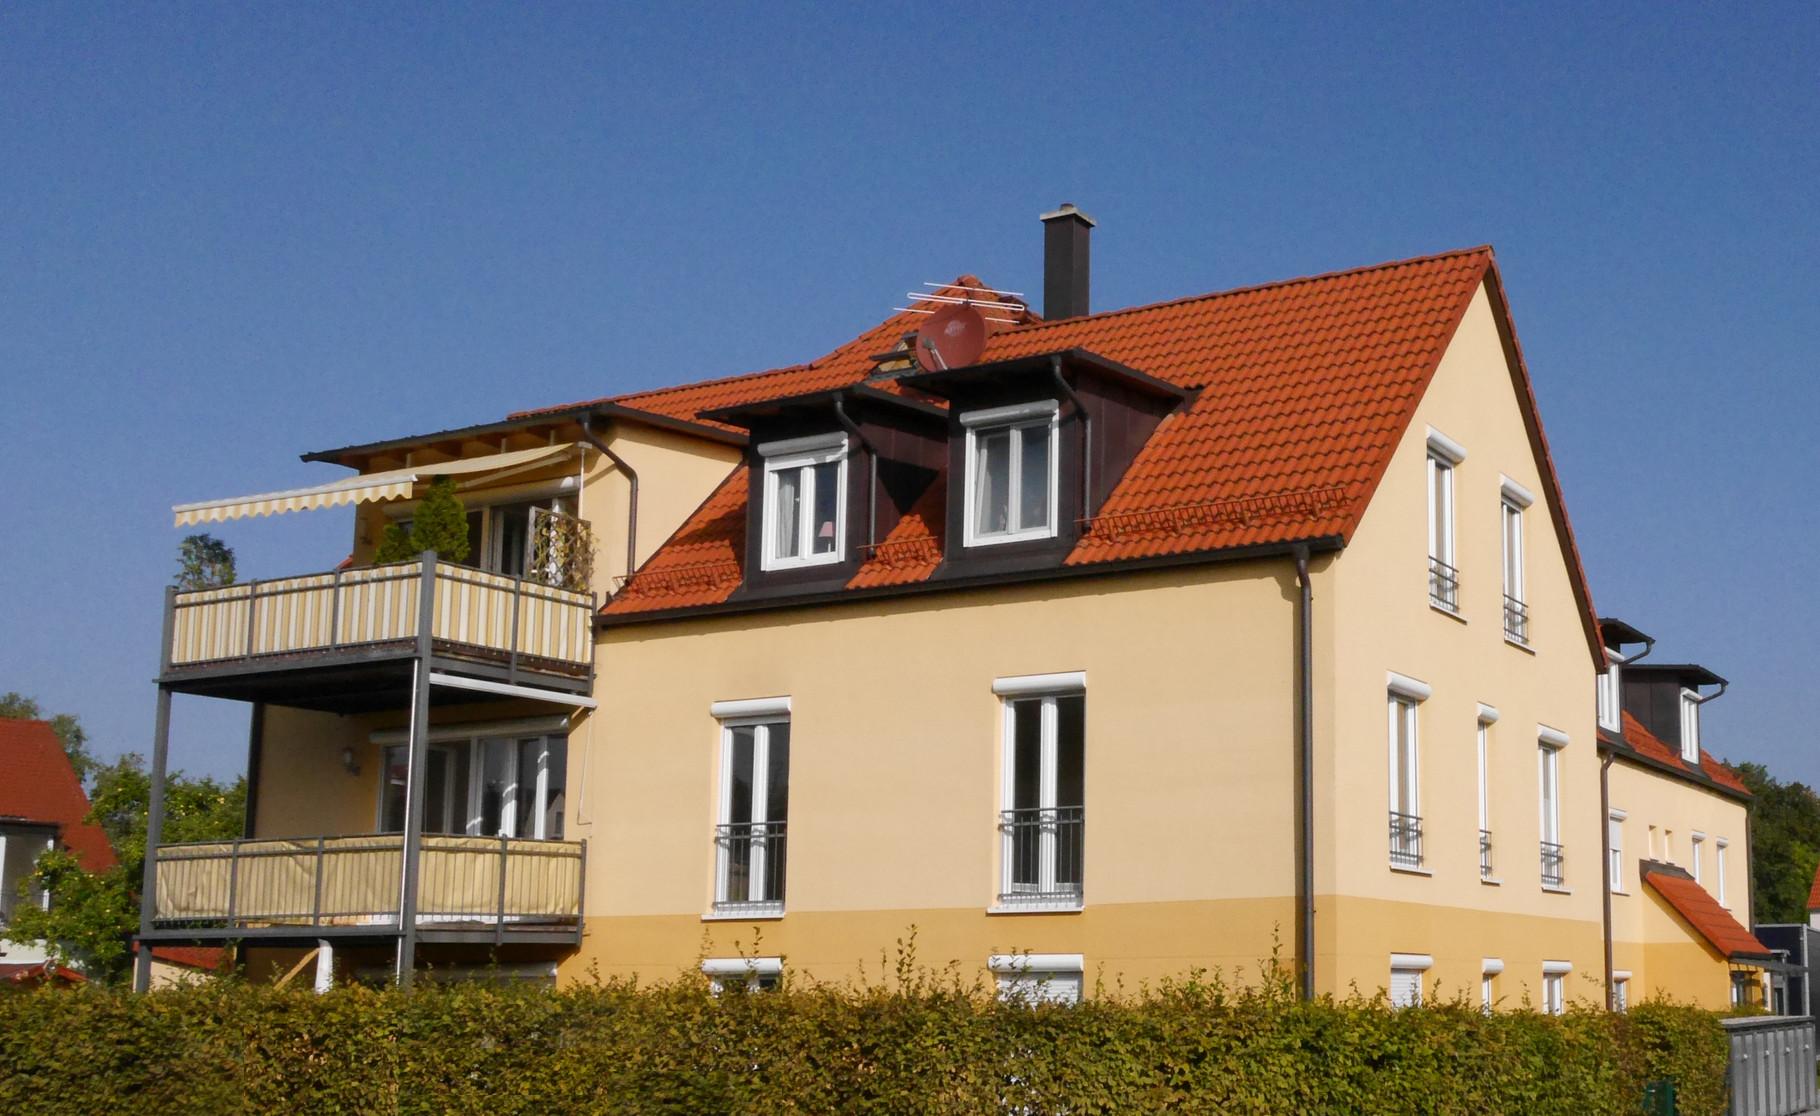 3-Zimmer-Galerie-Wohnung mit Terrassenbalkon in 85221 Dachau